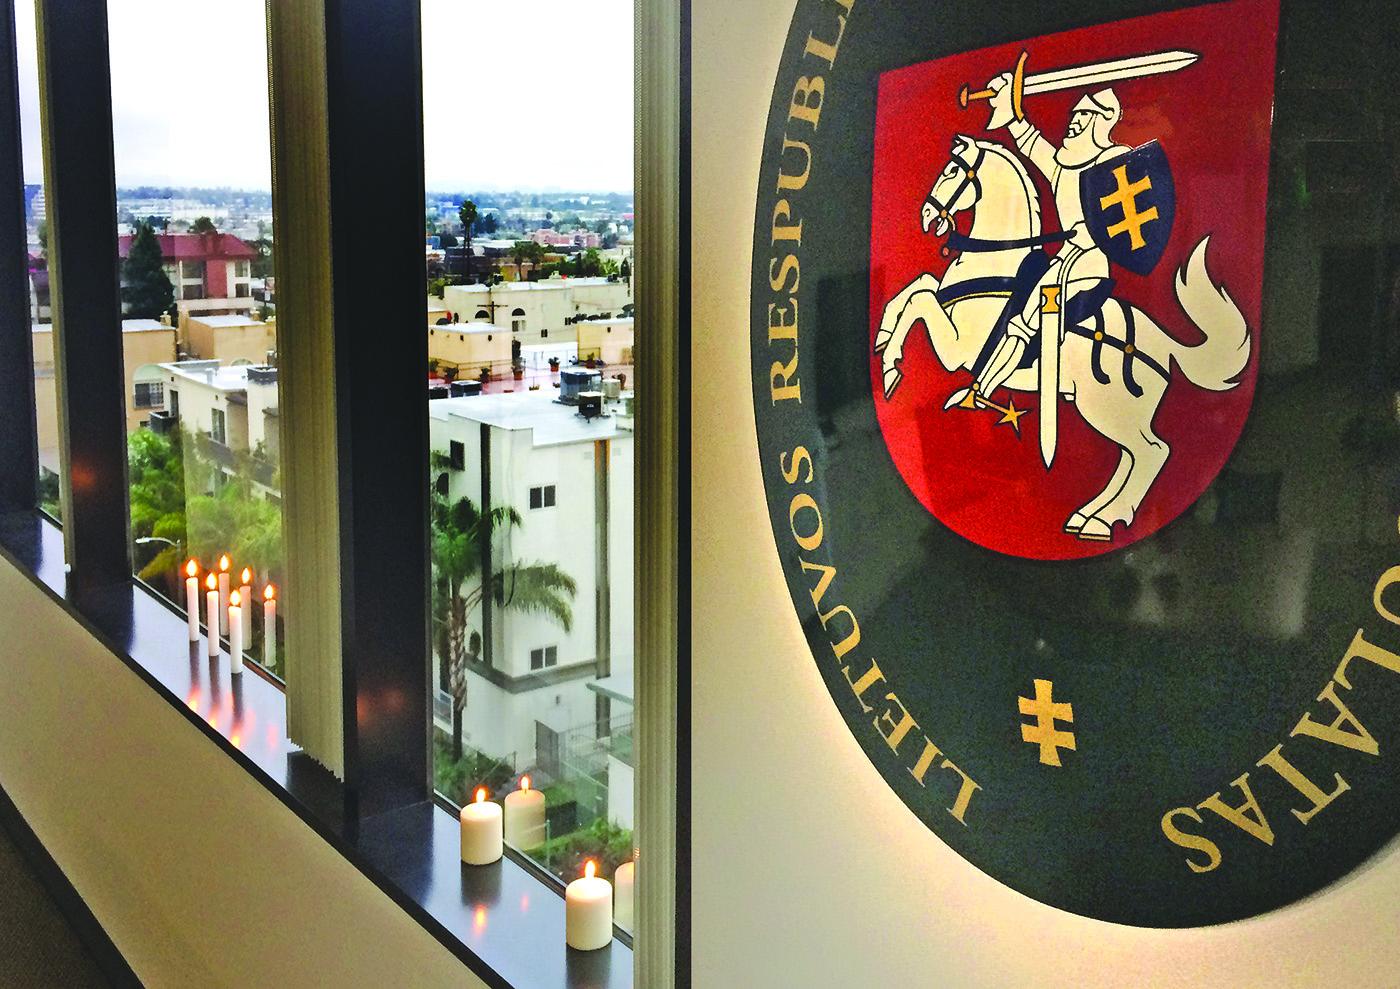 Atminimo žvakutė LR generalinio konsulo Los Angeles kabinete. (LR konsulato nuotr.)